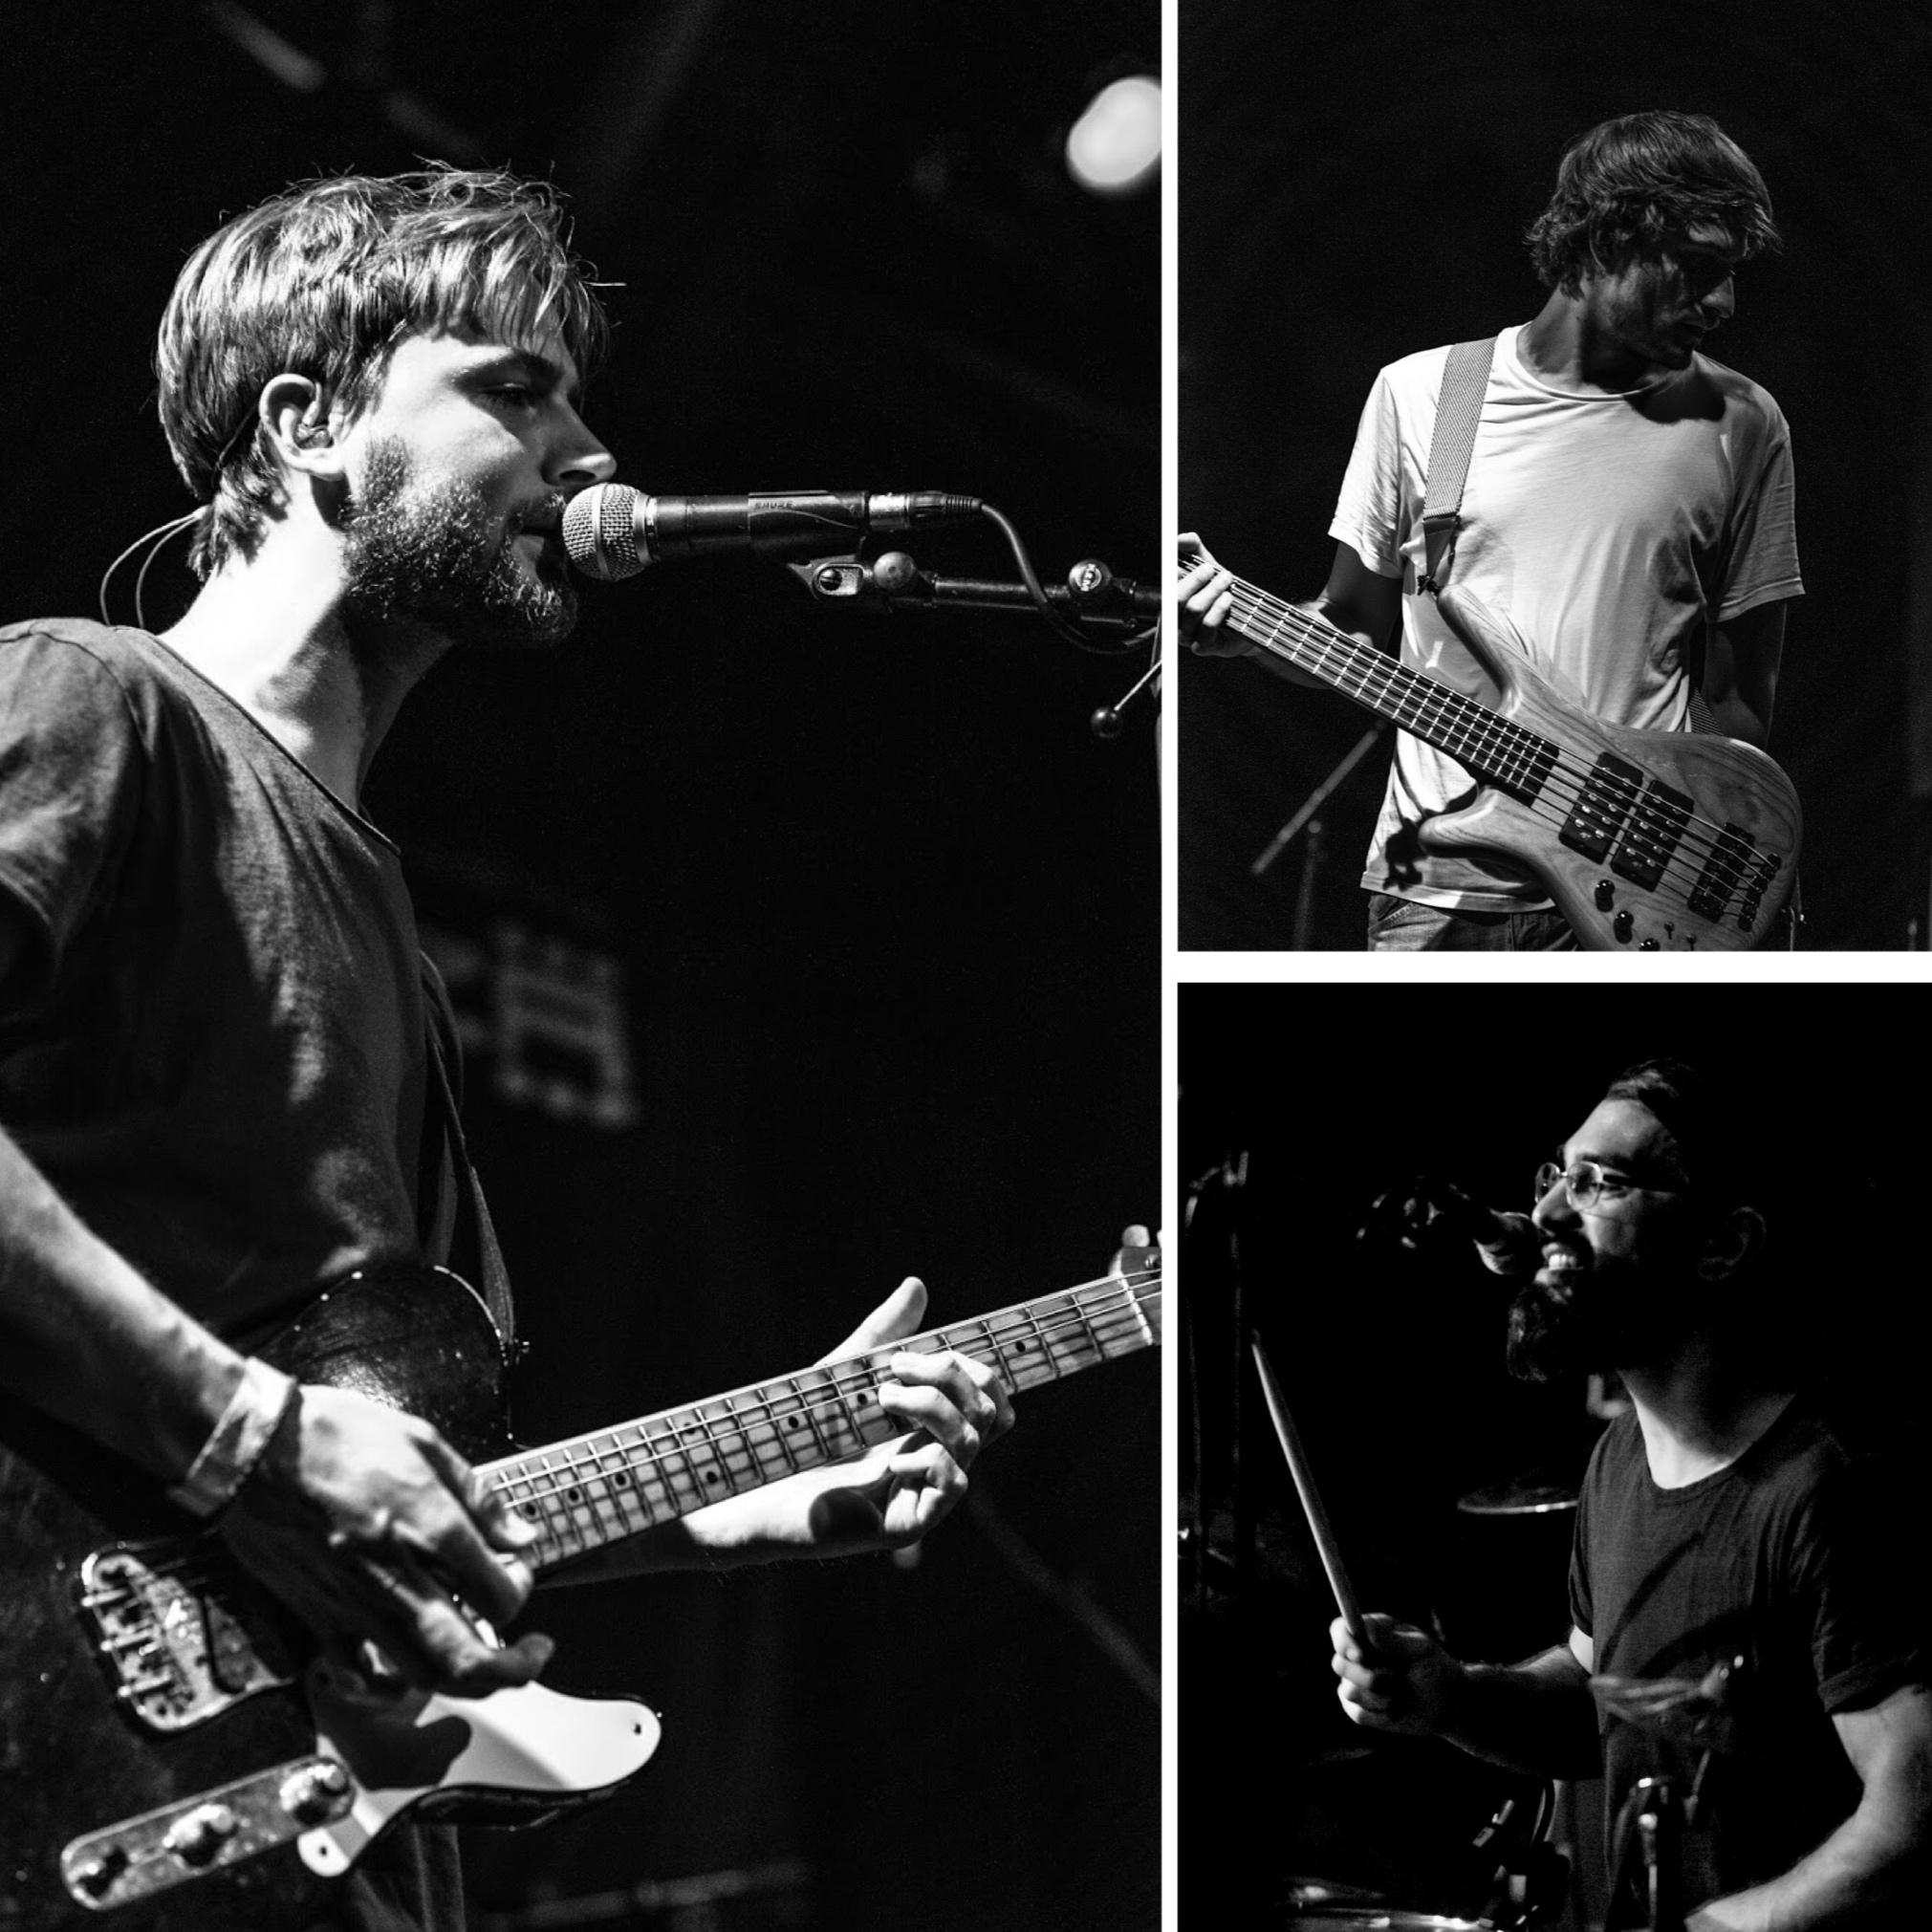 Bandfotos